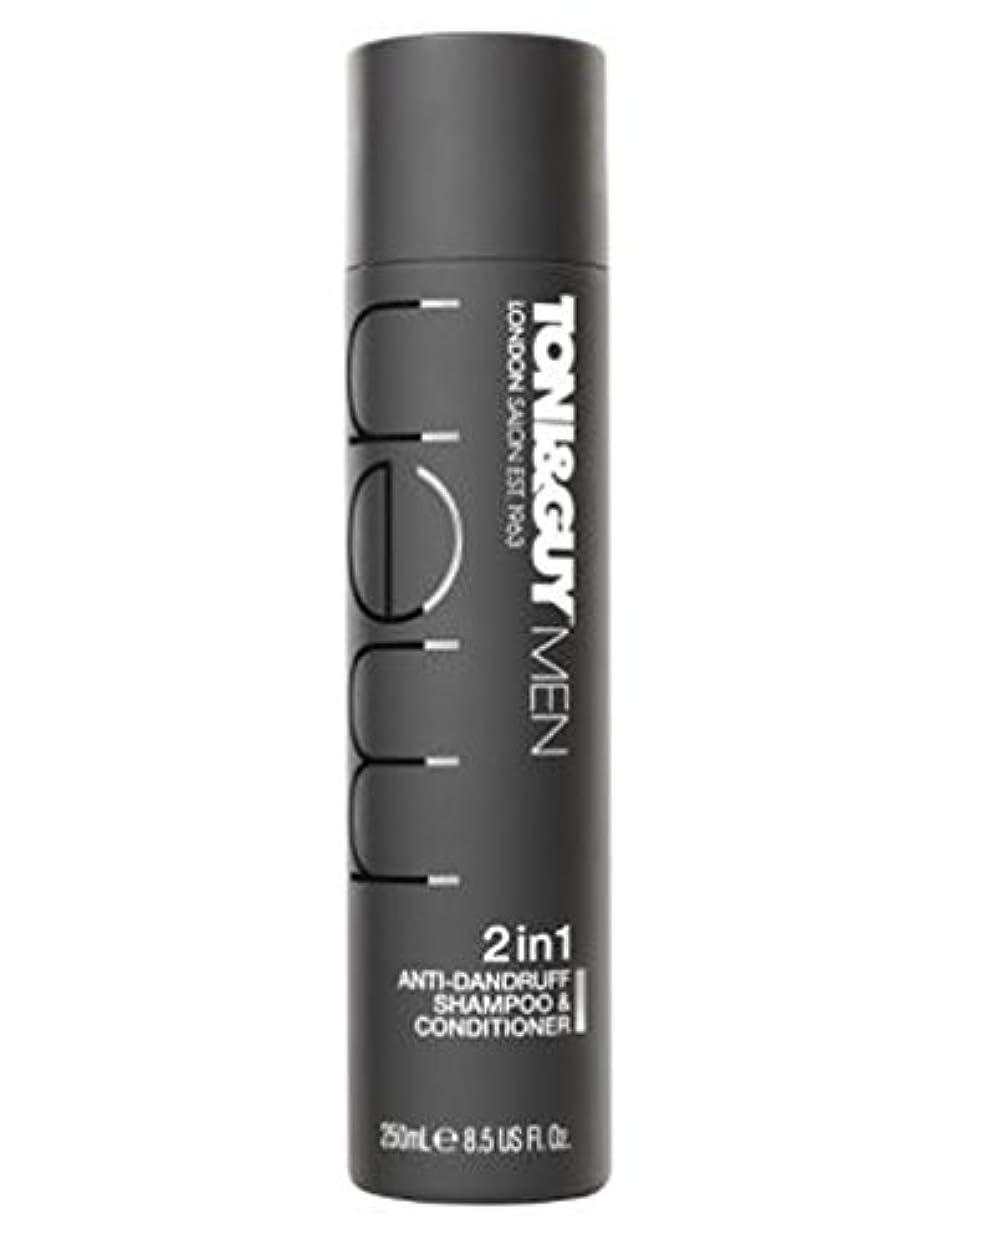 Toni&Guy Men Anti-dandruff shampoo & conditioner 250ml - トニ&男男性のフケ防止シャンプー&コンディショナー250ミリリットル (Toni & Guy) [並行輸入品]